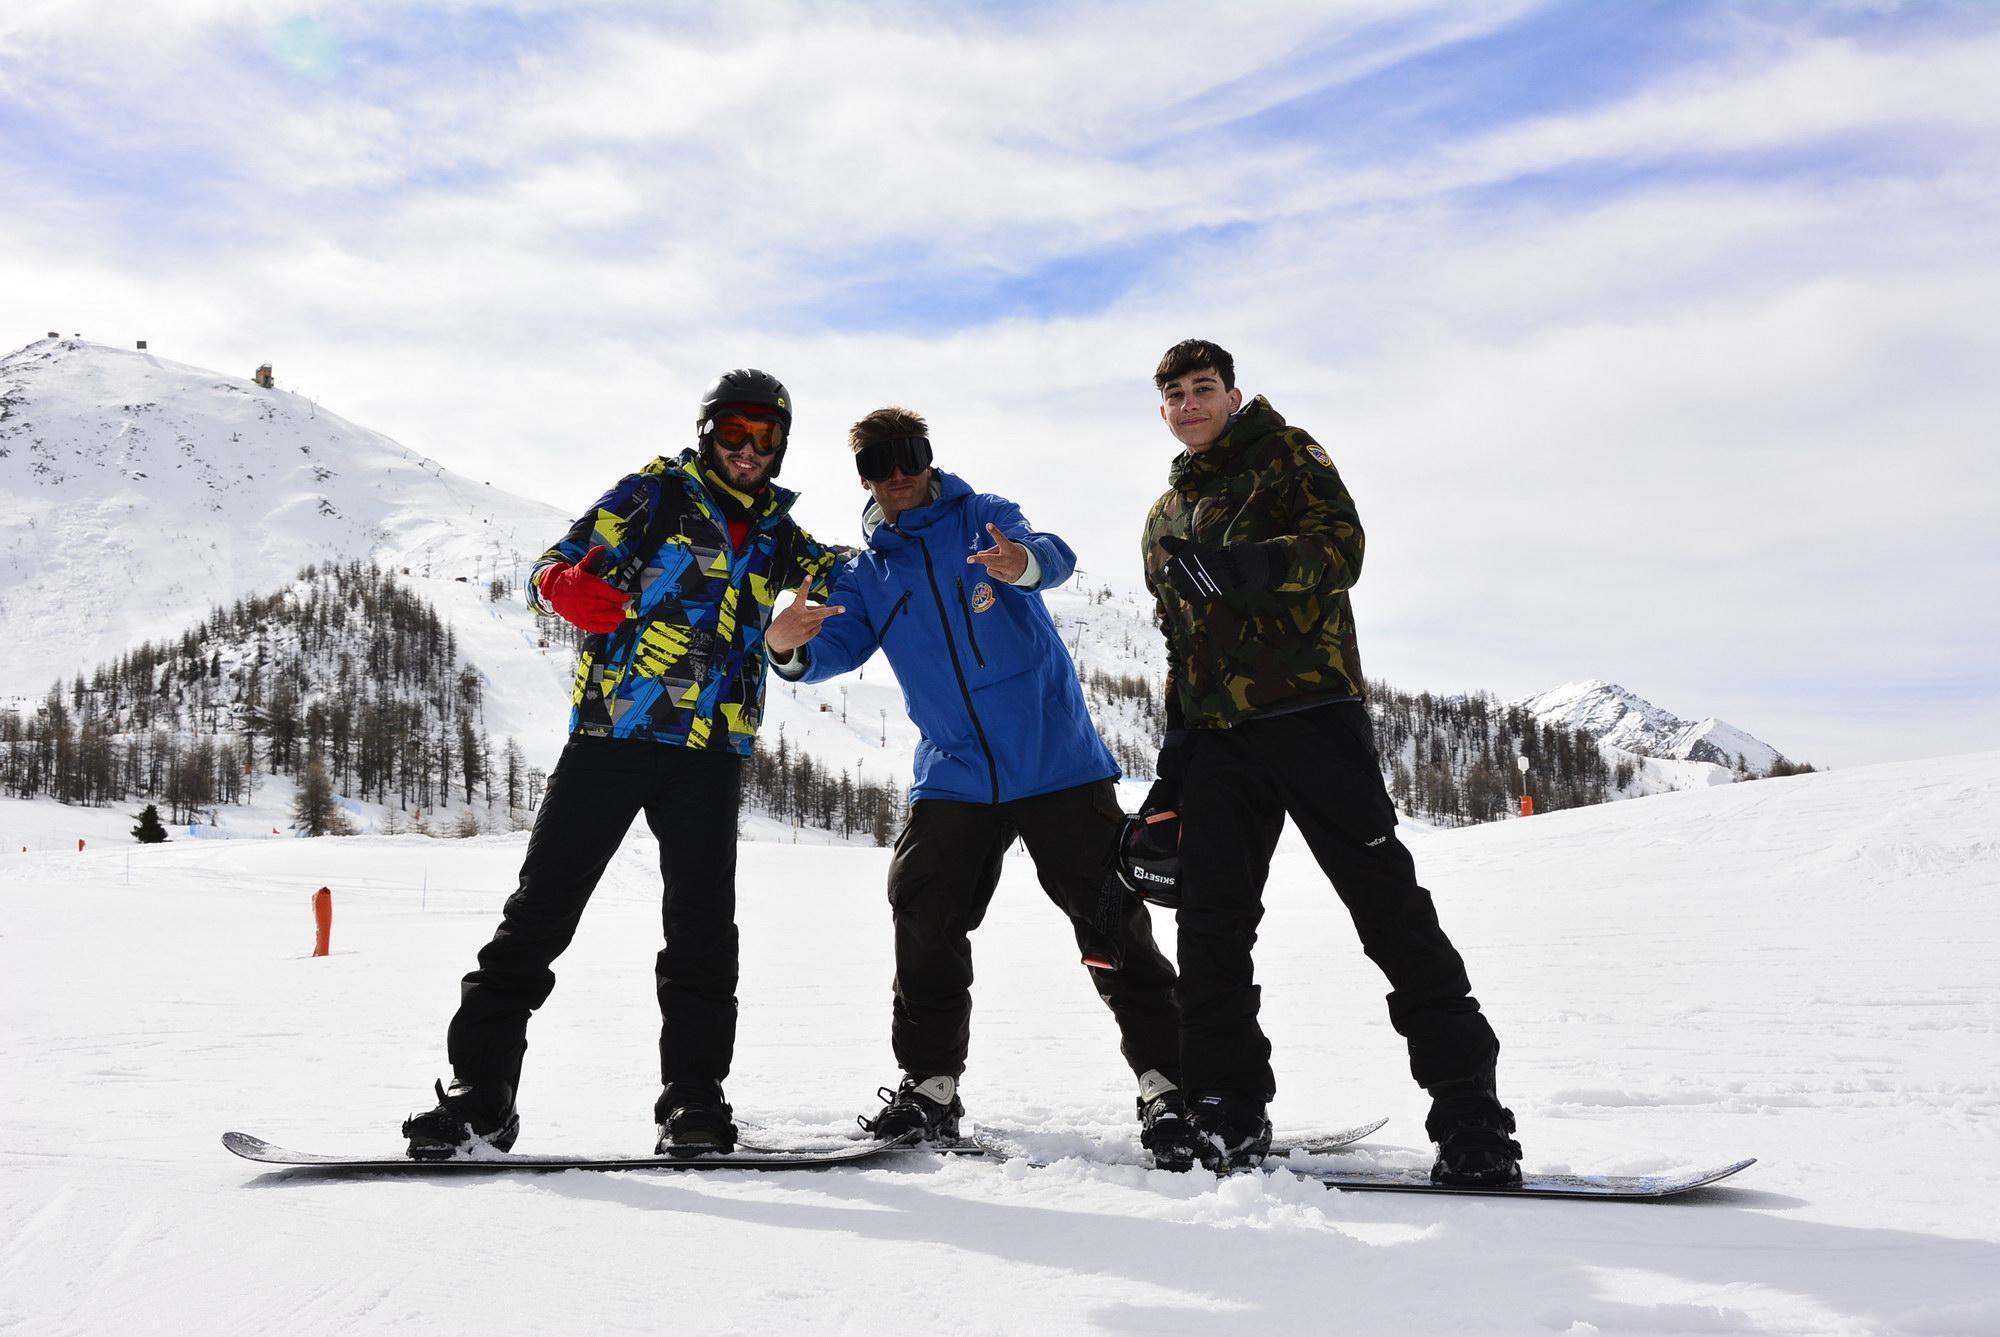 Un gruppo di amici divertendosi durante una delle Lezioni di snowboard per bambini e adulti - Tutti i livelli organizzate dalla Scuola di Sci Olimpionica nel comprensorio sciistico della Via Lattea a Sestriere.